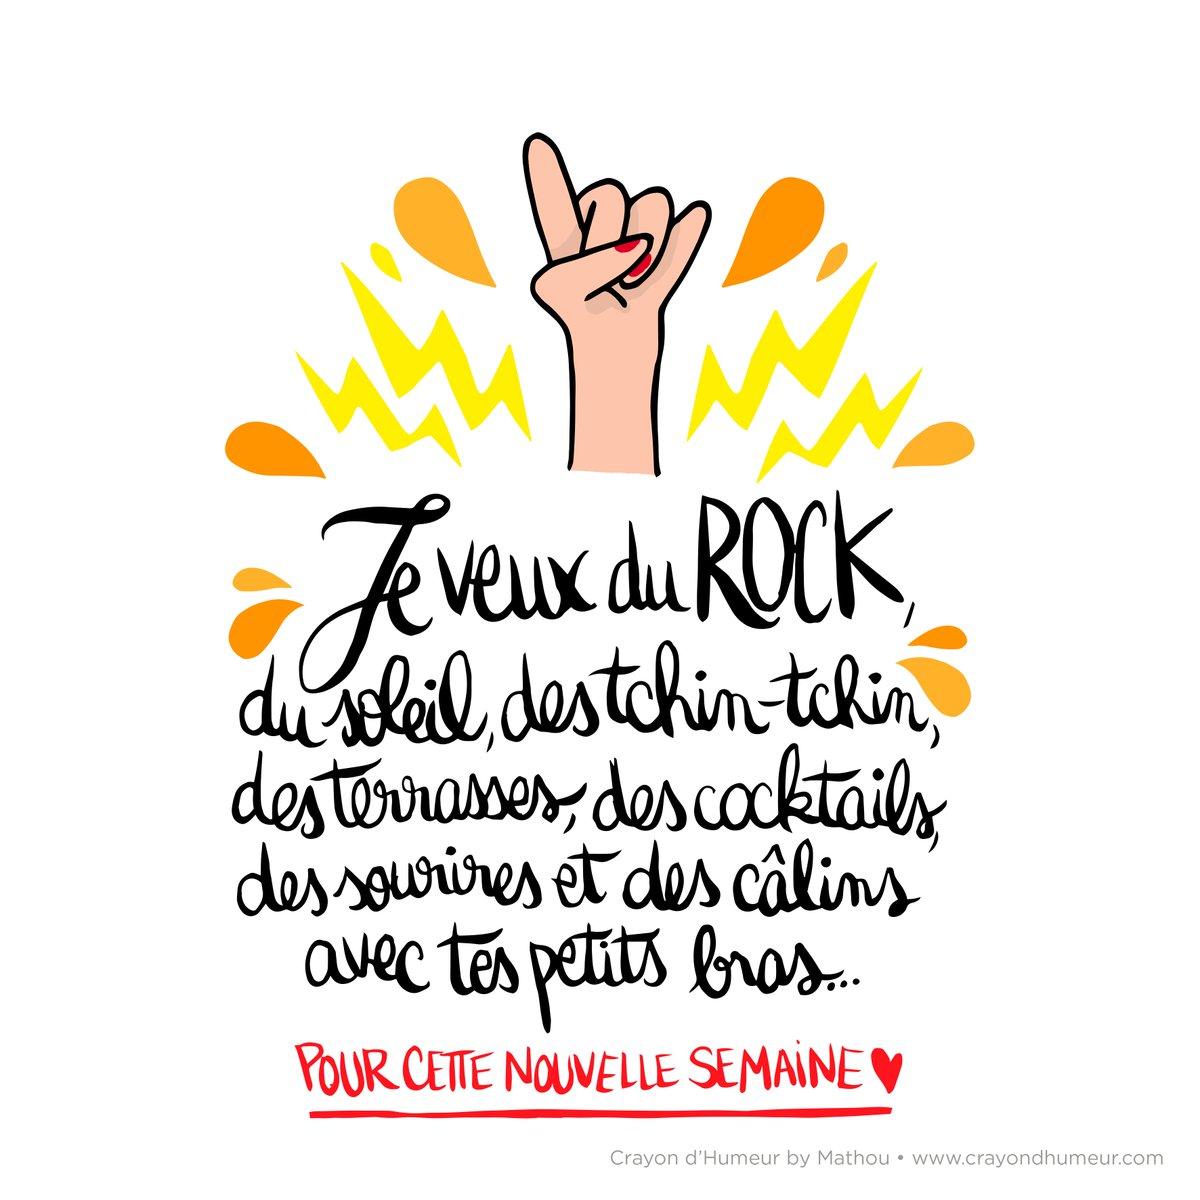 { C&#39;EST REPARTI } Joyeuse et belle semaine au soleil les bichons !  #mathou #crayondhumeur #remix #dessin #illustration #rock #soleil<br>http://pic.twitter.com/fTWcV3mDpq